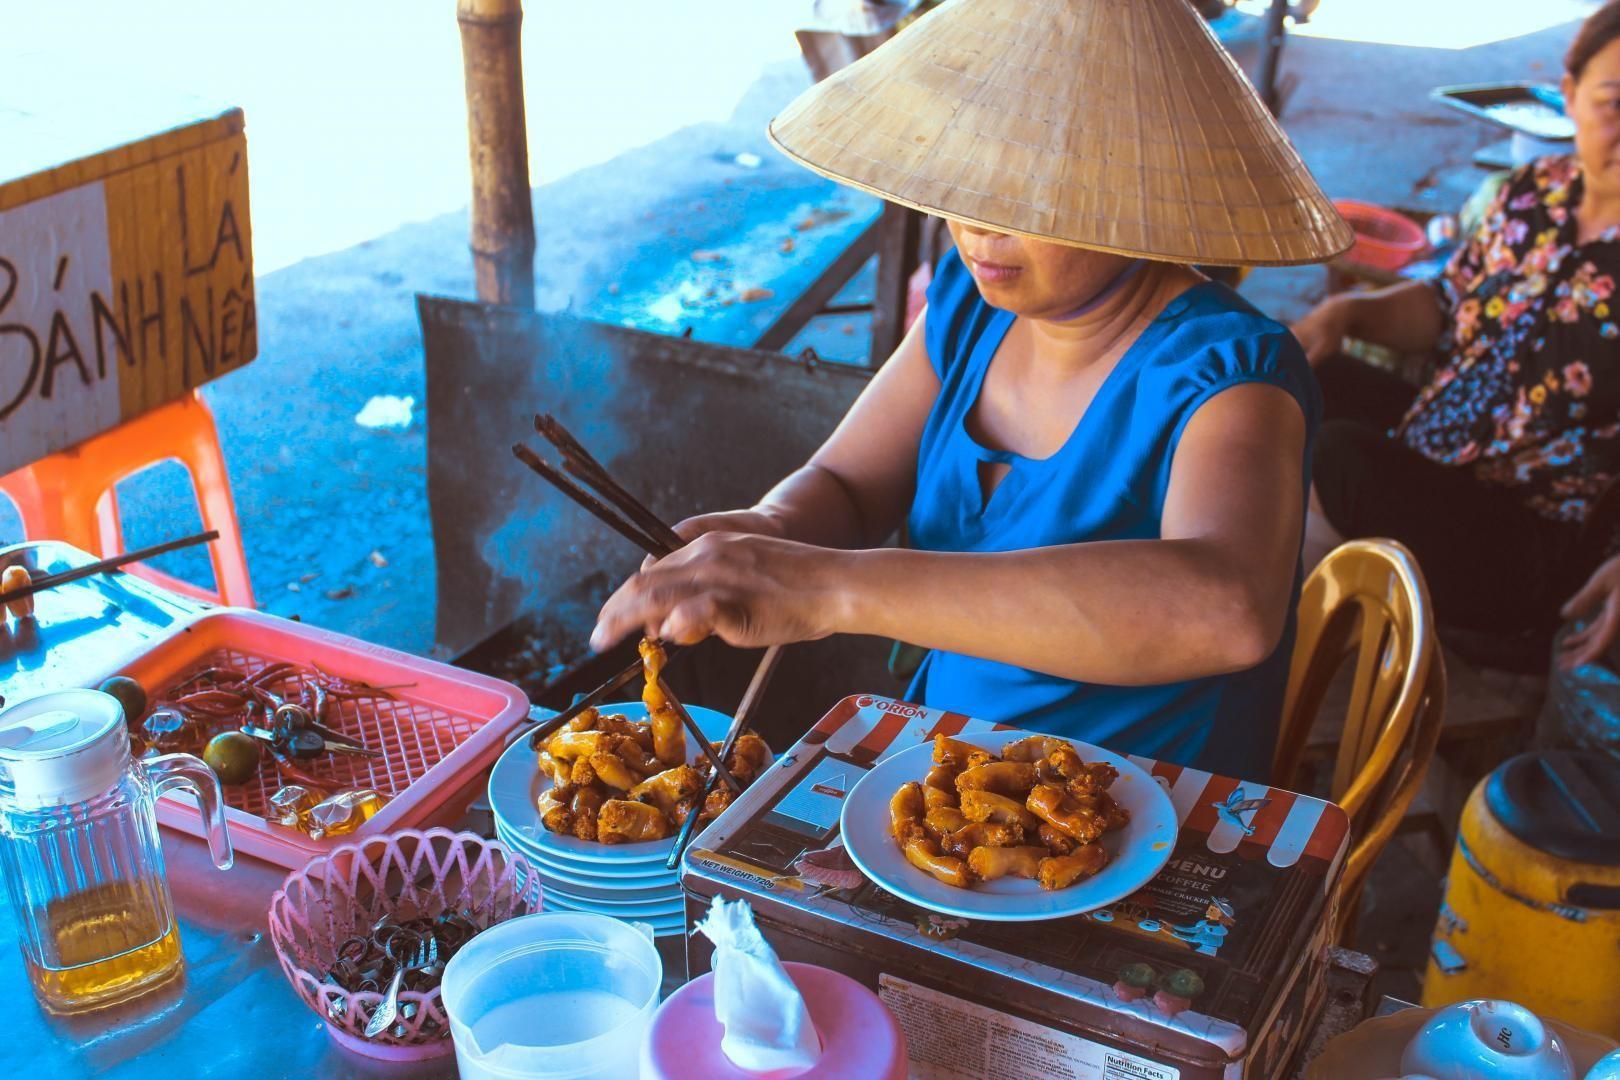 Nuông chiều khẩu vị bản thân, người tiêu dùng liệu có đang vô tình tiếp tay cho thực phẩm bẩn? - Ảnh 1.